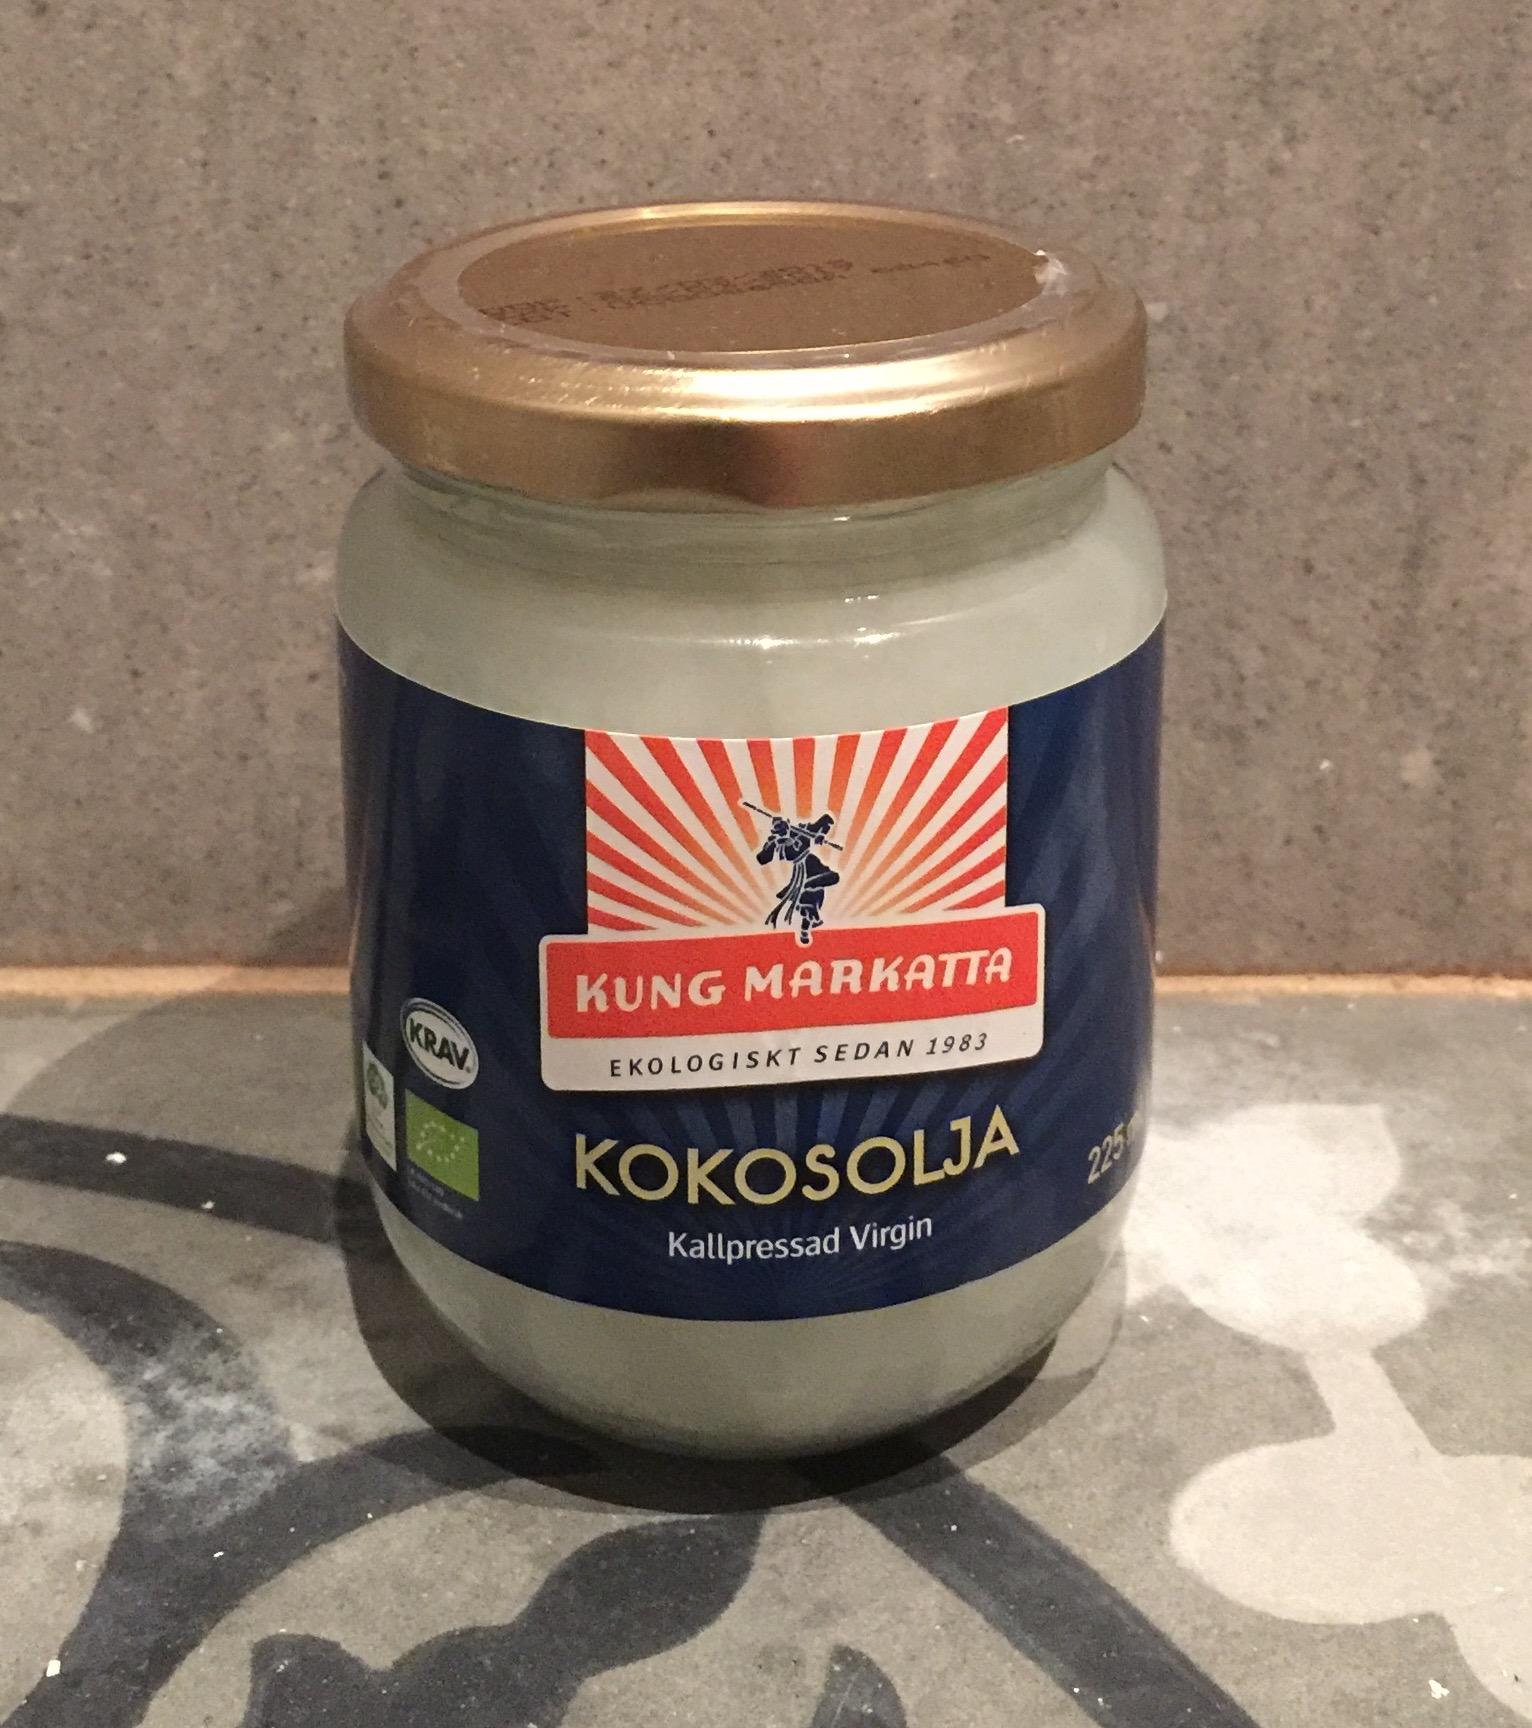 kokosolja från kungmarkatta är kravmärkt